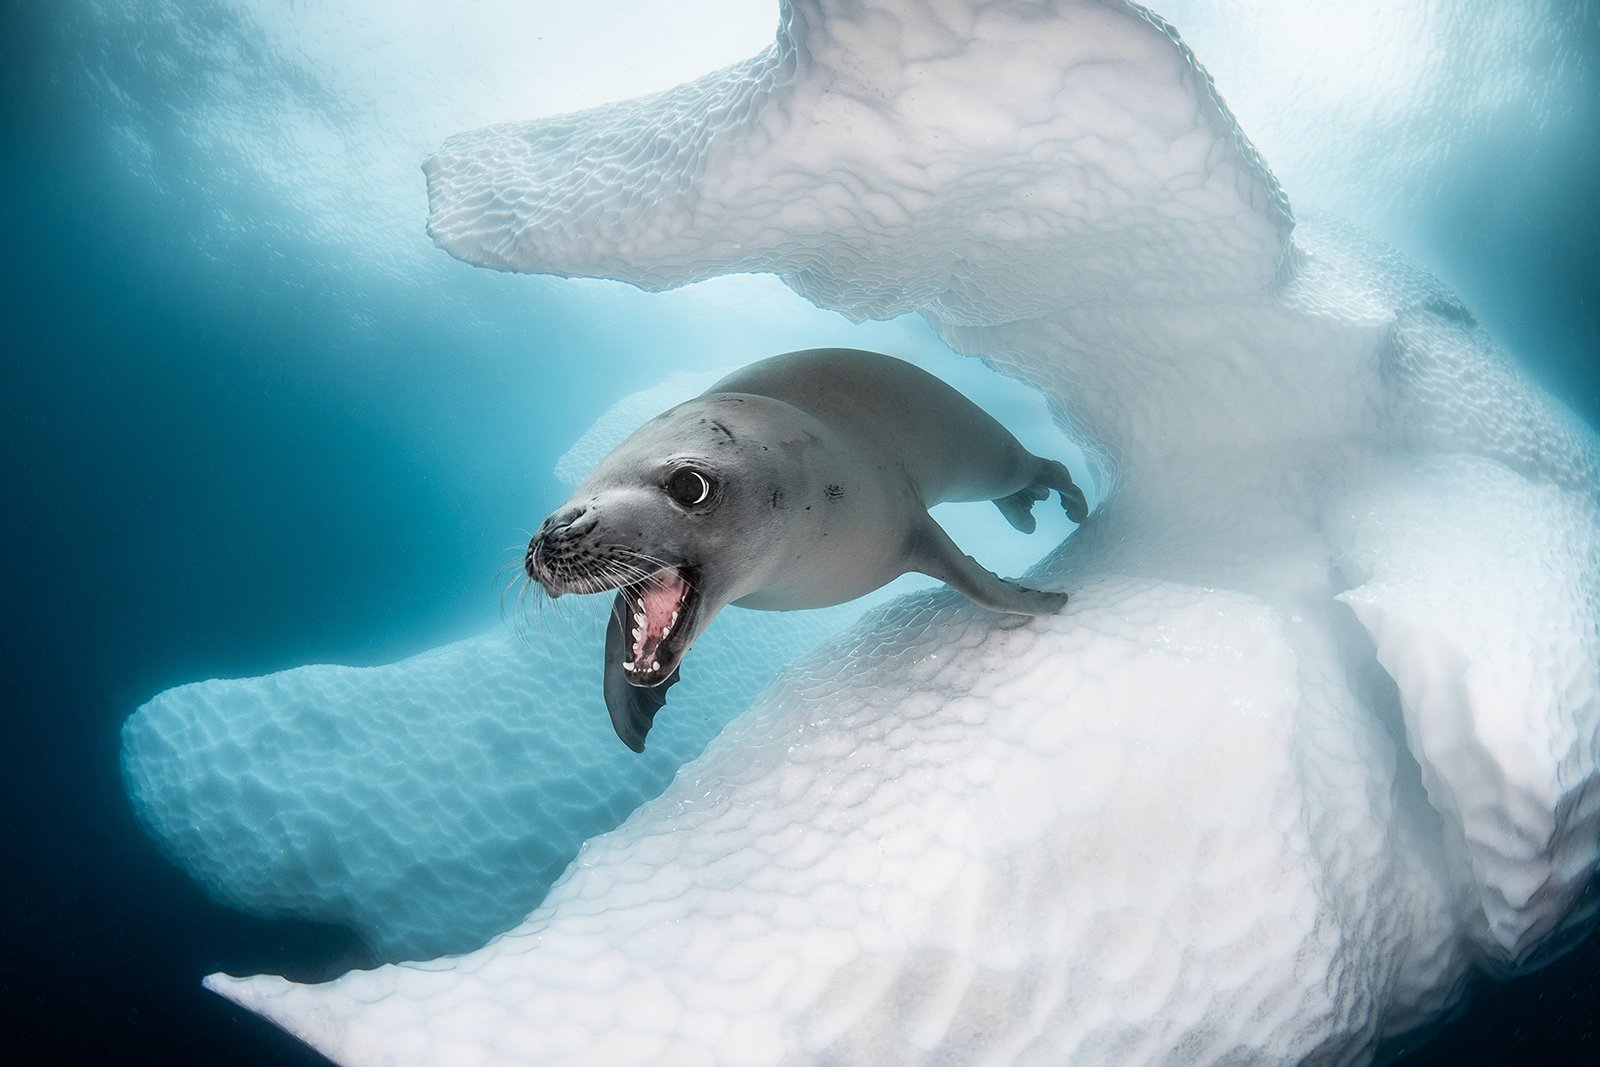 تصاویر منتخب از مسابقه عکاسی هنری در اقیانوس